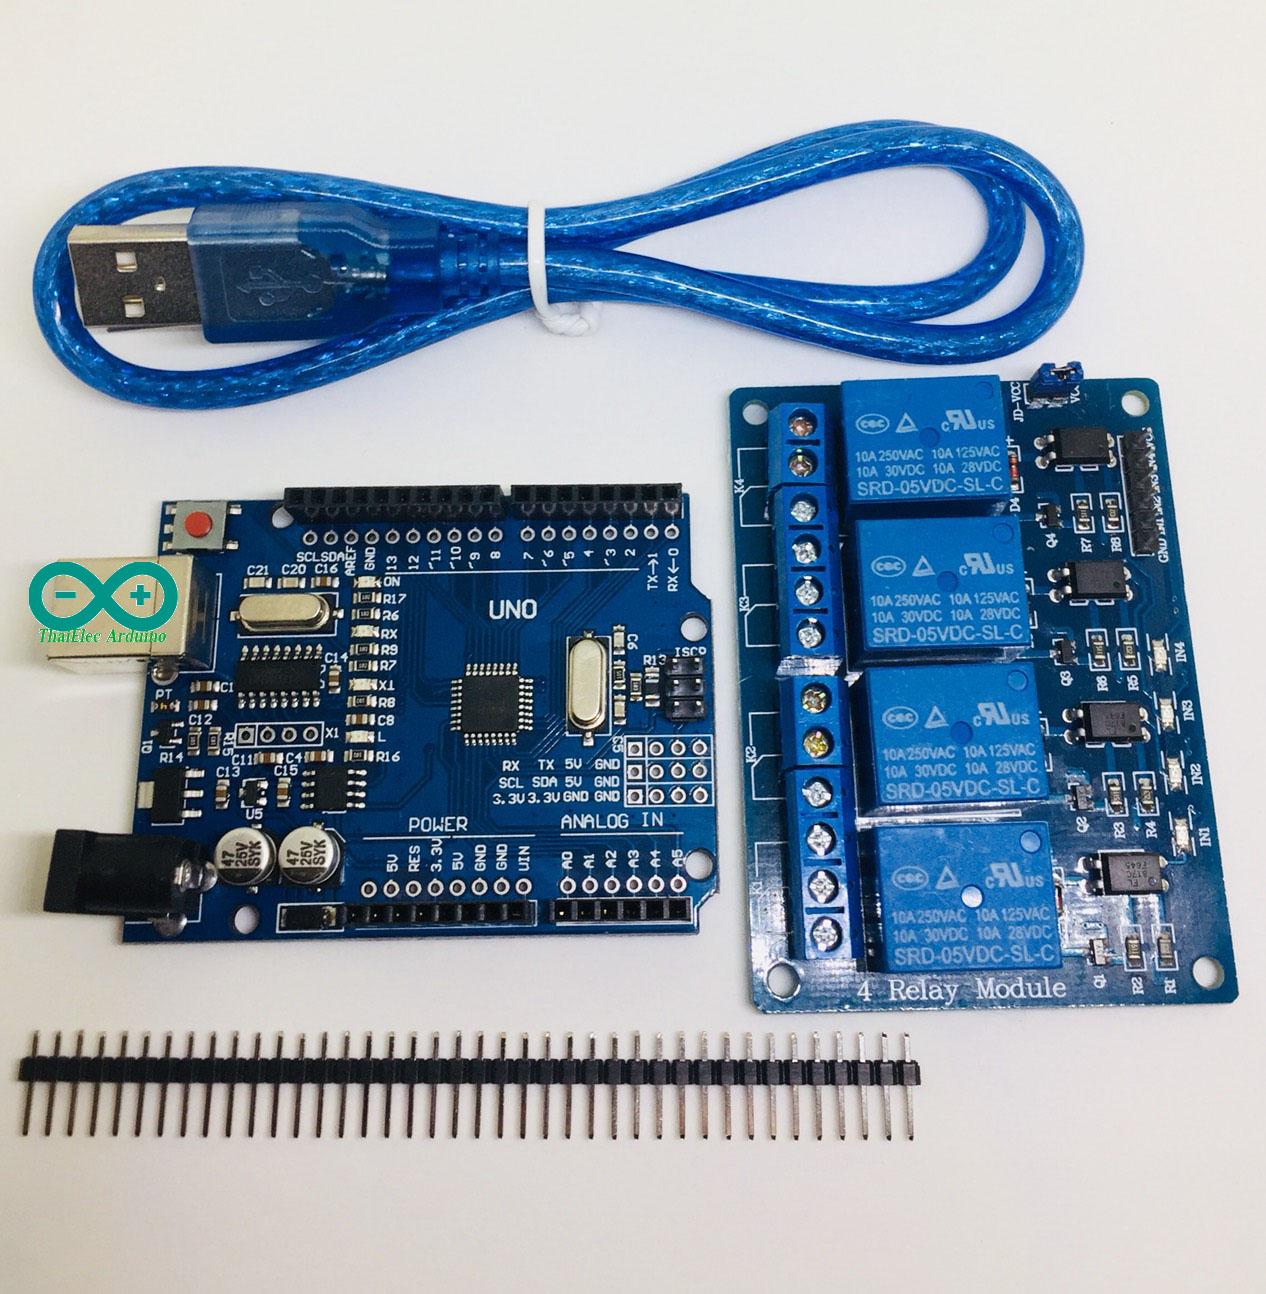 โปร Arduino UNO R3 (CH340G) แถมสาย USB คุ่กับ RELAY 4 OUT